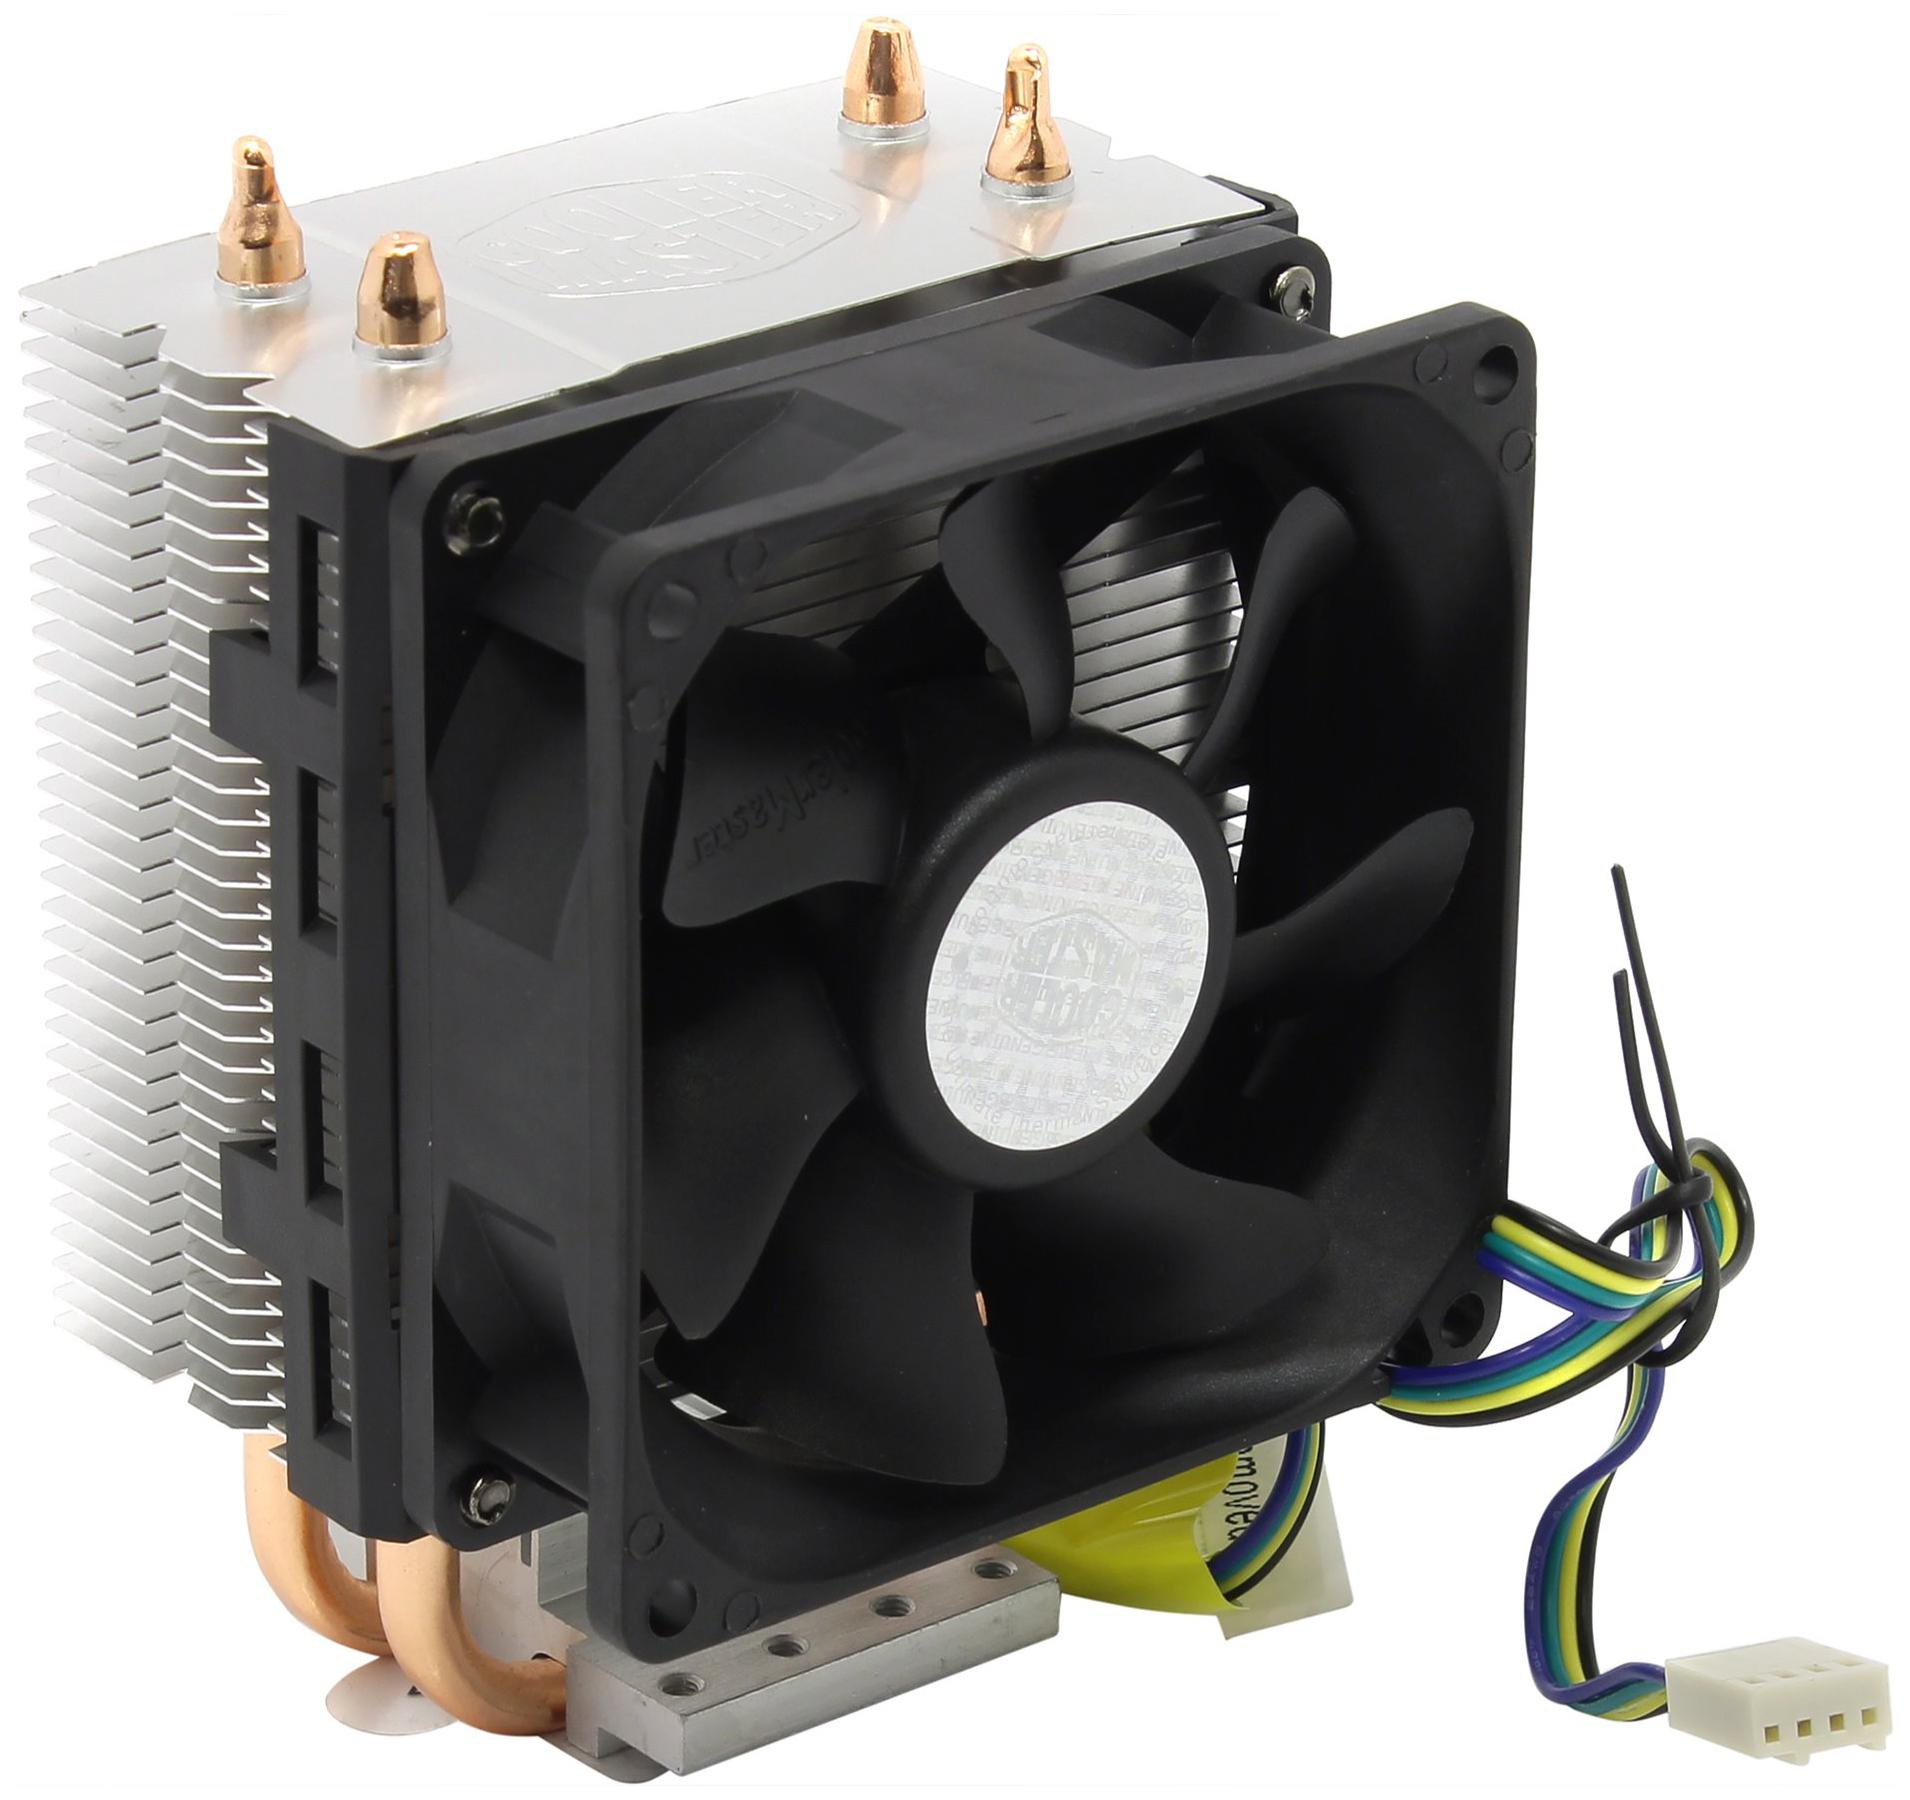 COOLER MASTER HYPER 101 (RR-H101-30PK-RU)